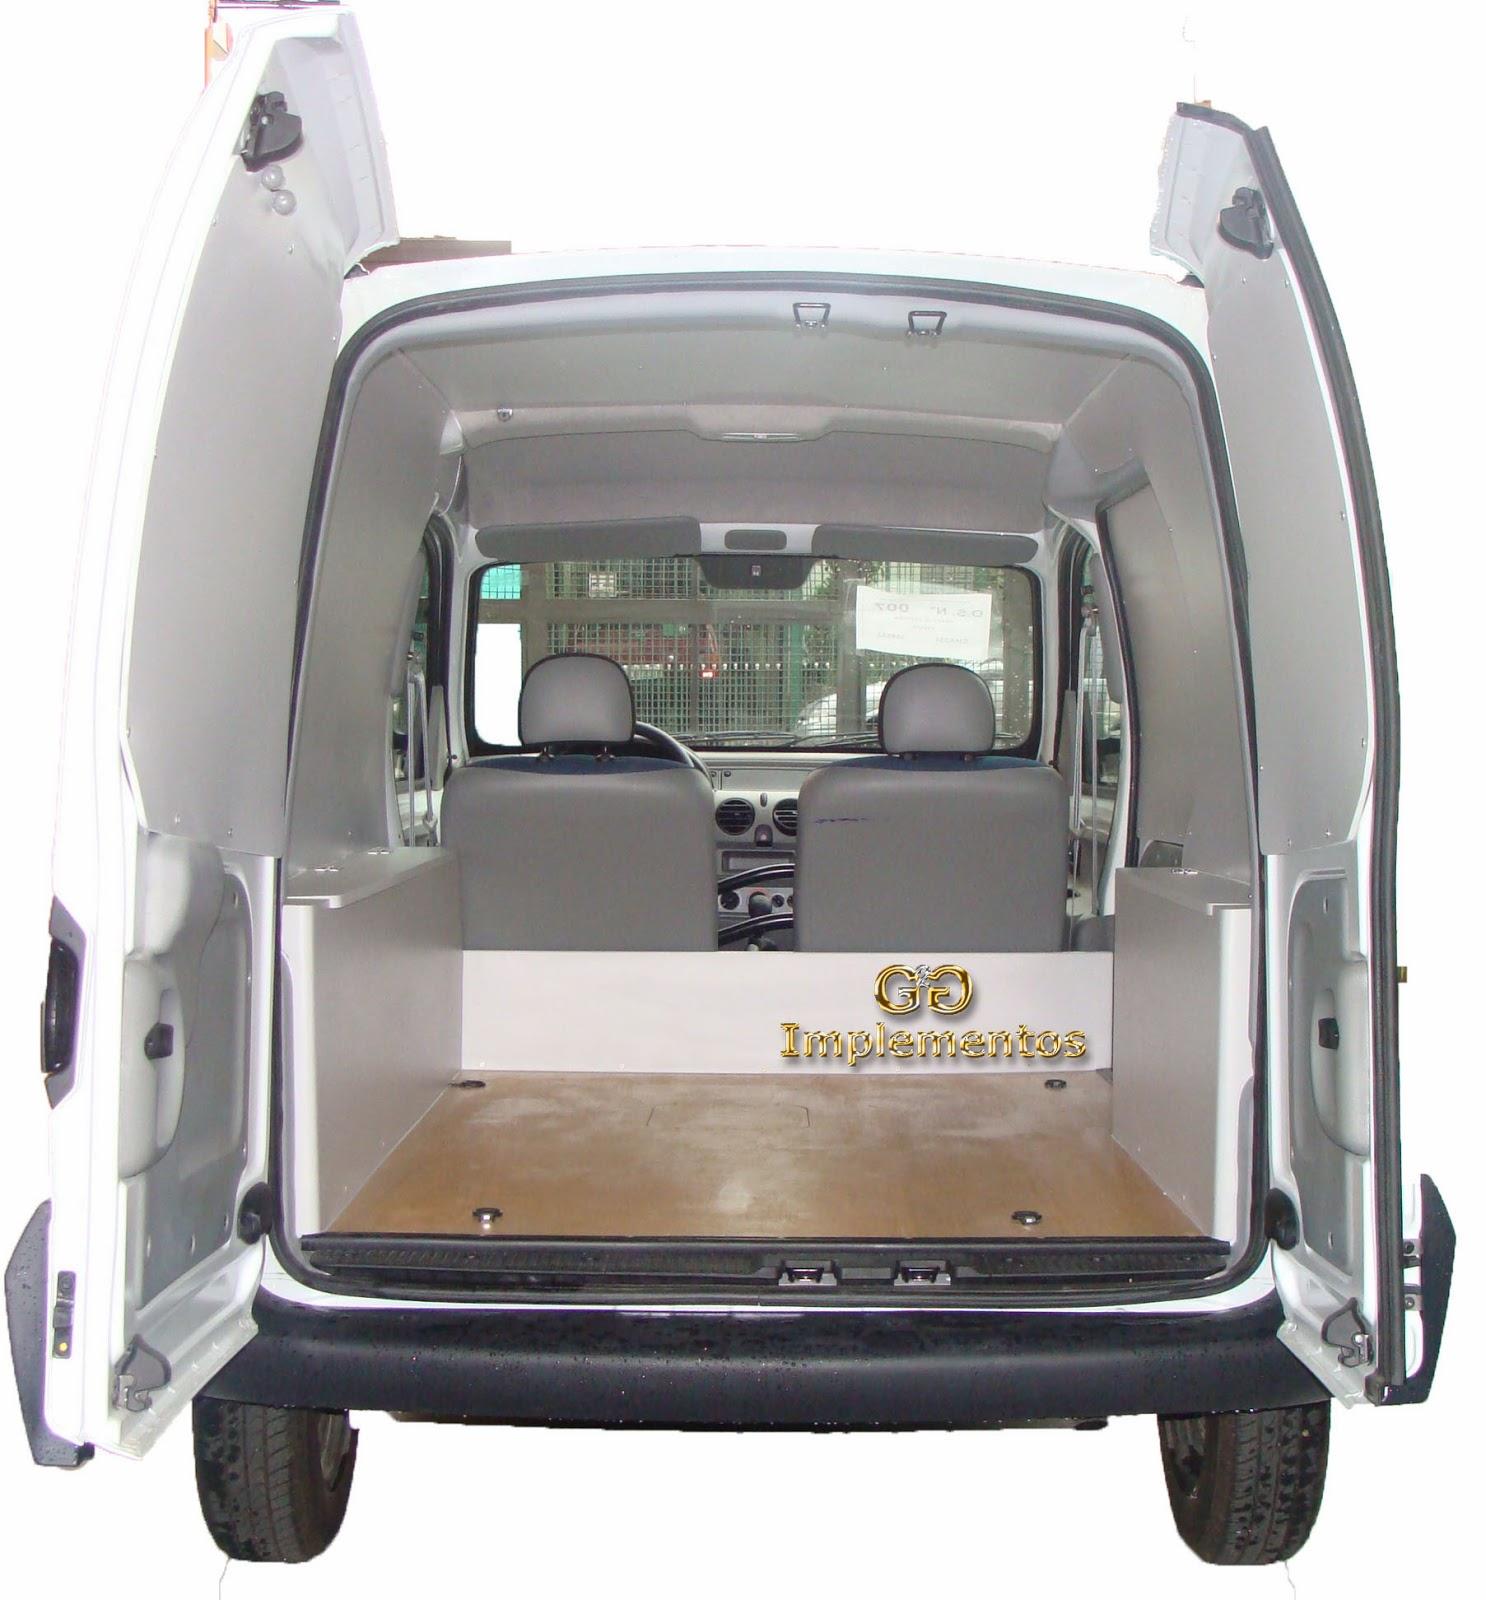 Revestimento de proteção em MDF para Renault Kangoo #7E674D 1486x1600